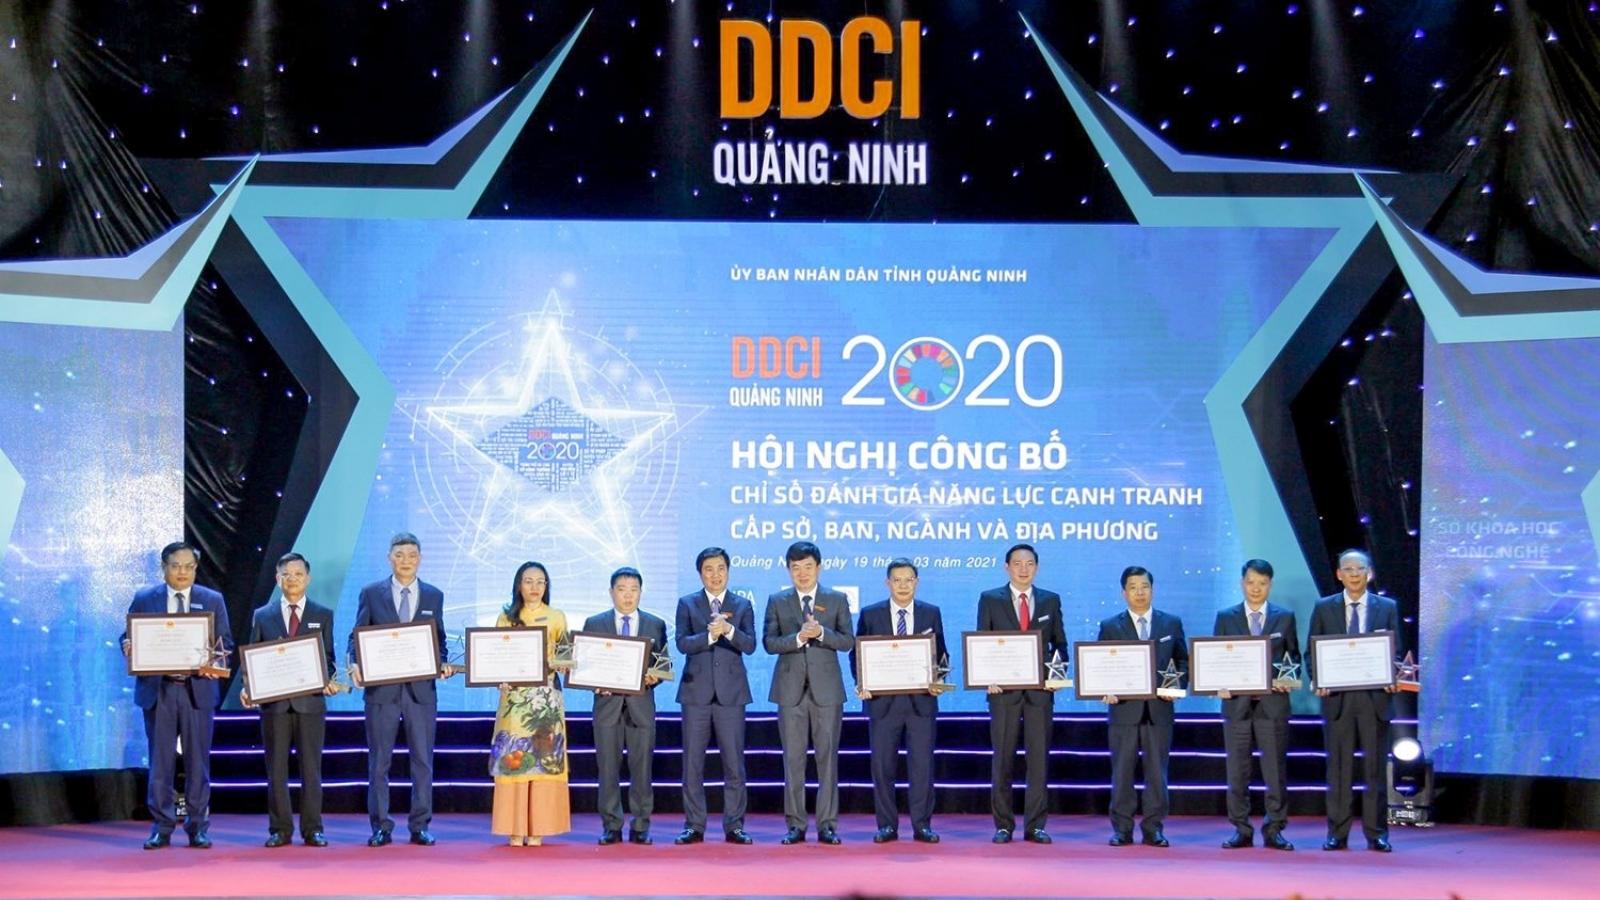 Bước đột phá trong cải cách hành chính tại Quảng Ninh